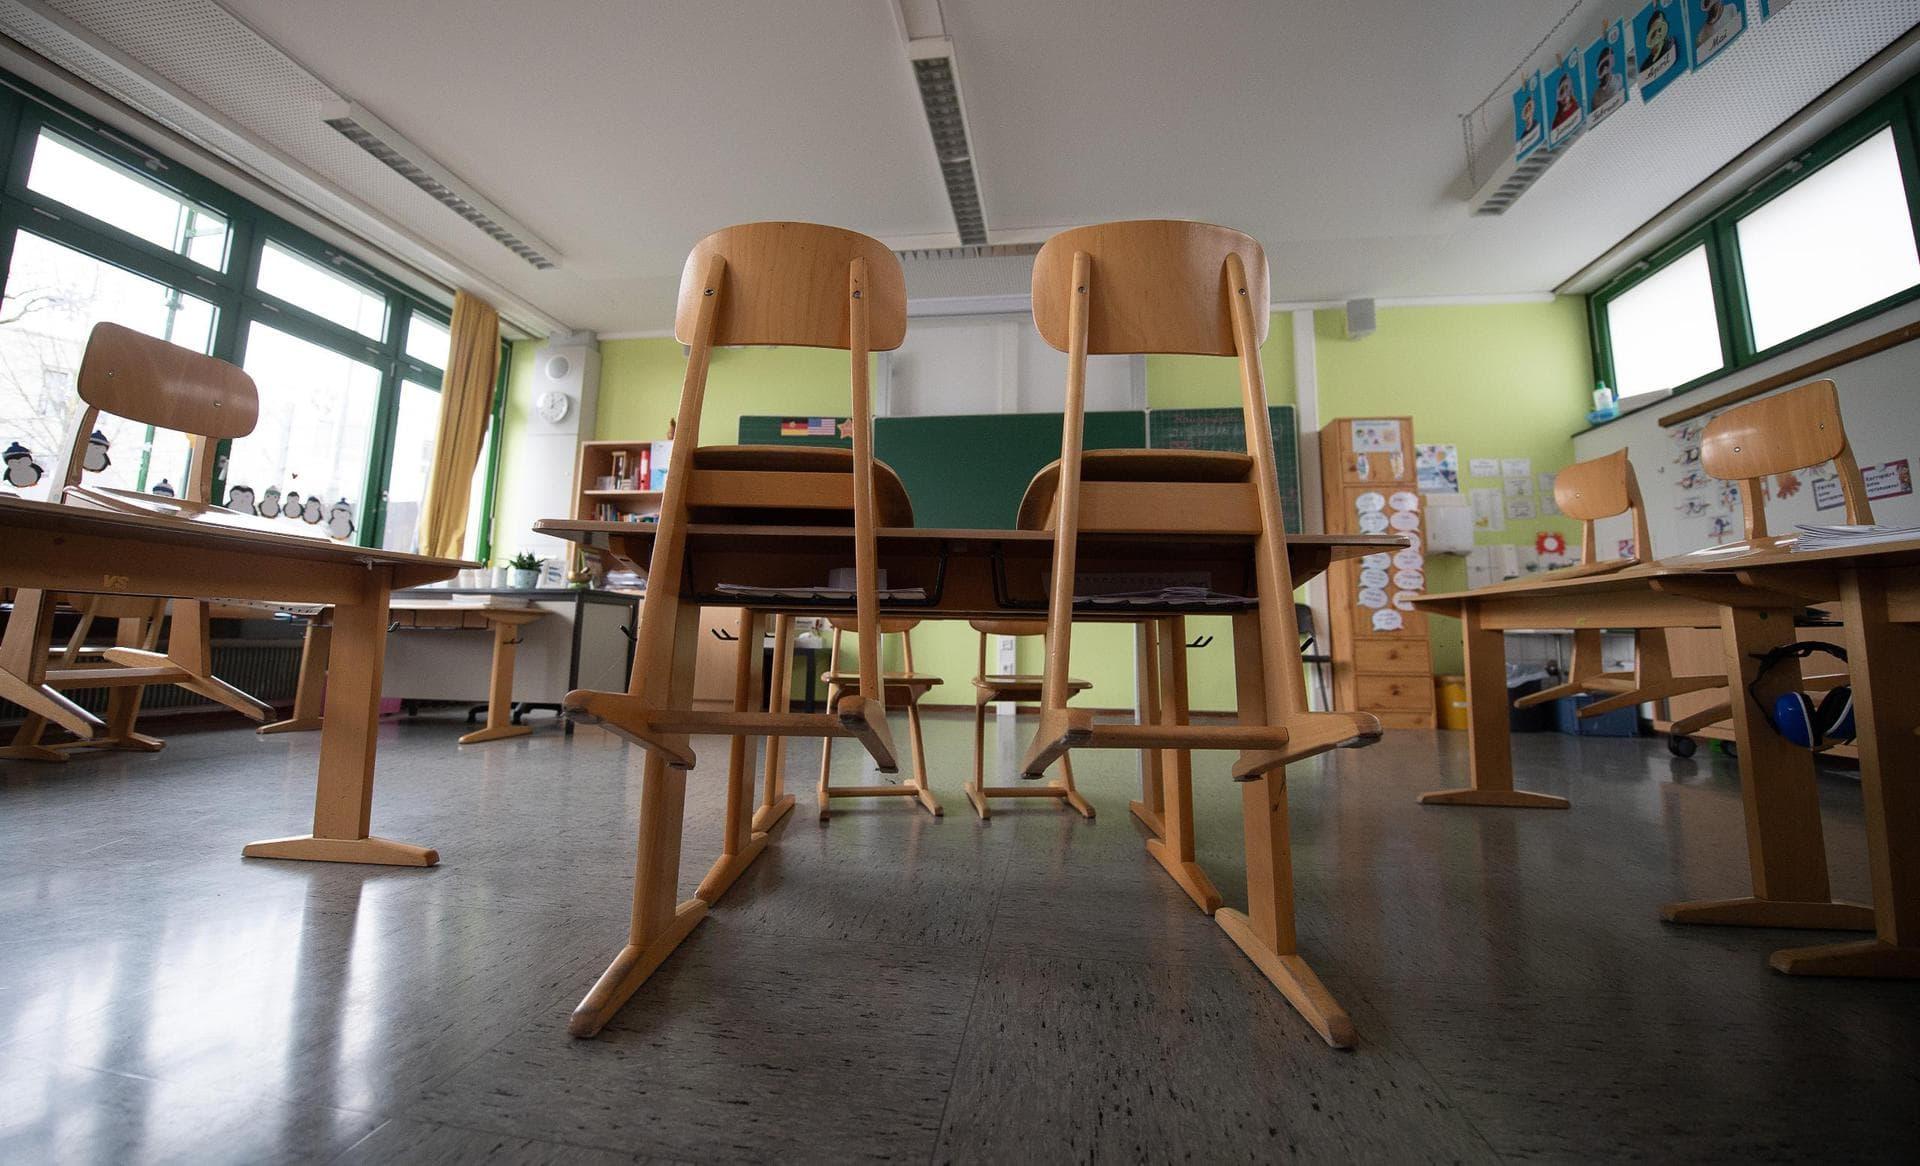 Schulen und Kitas: Das gilt in und um Regensburg Auch in der nächste Woche die bisherigen Corona-Regeln